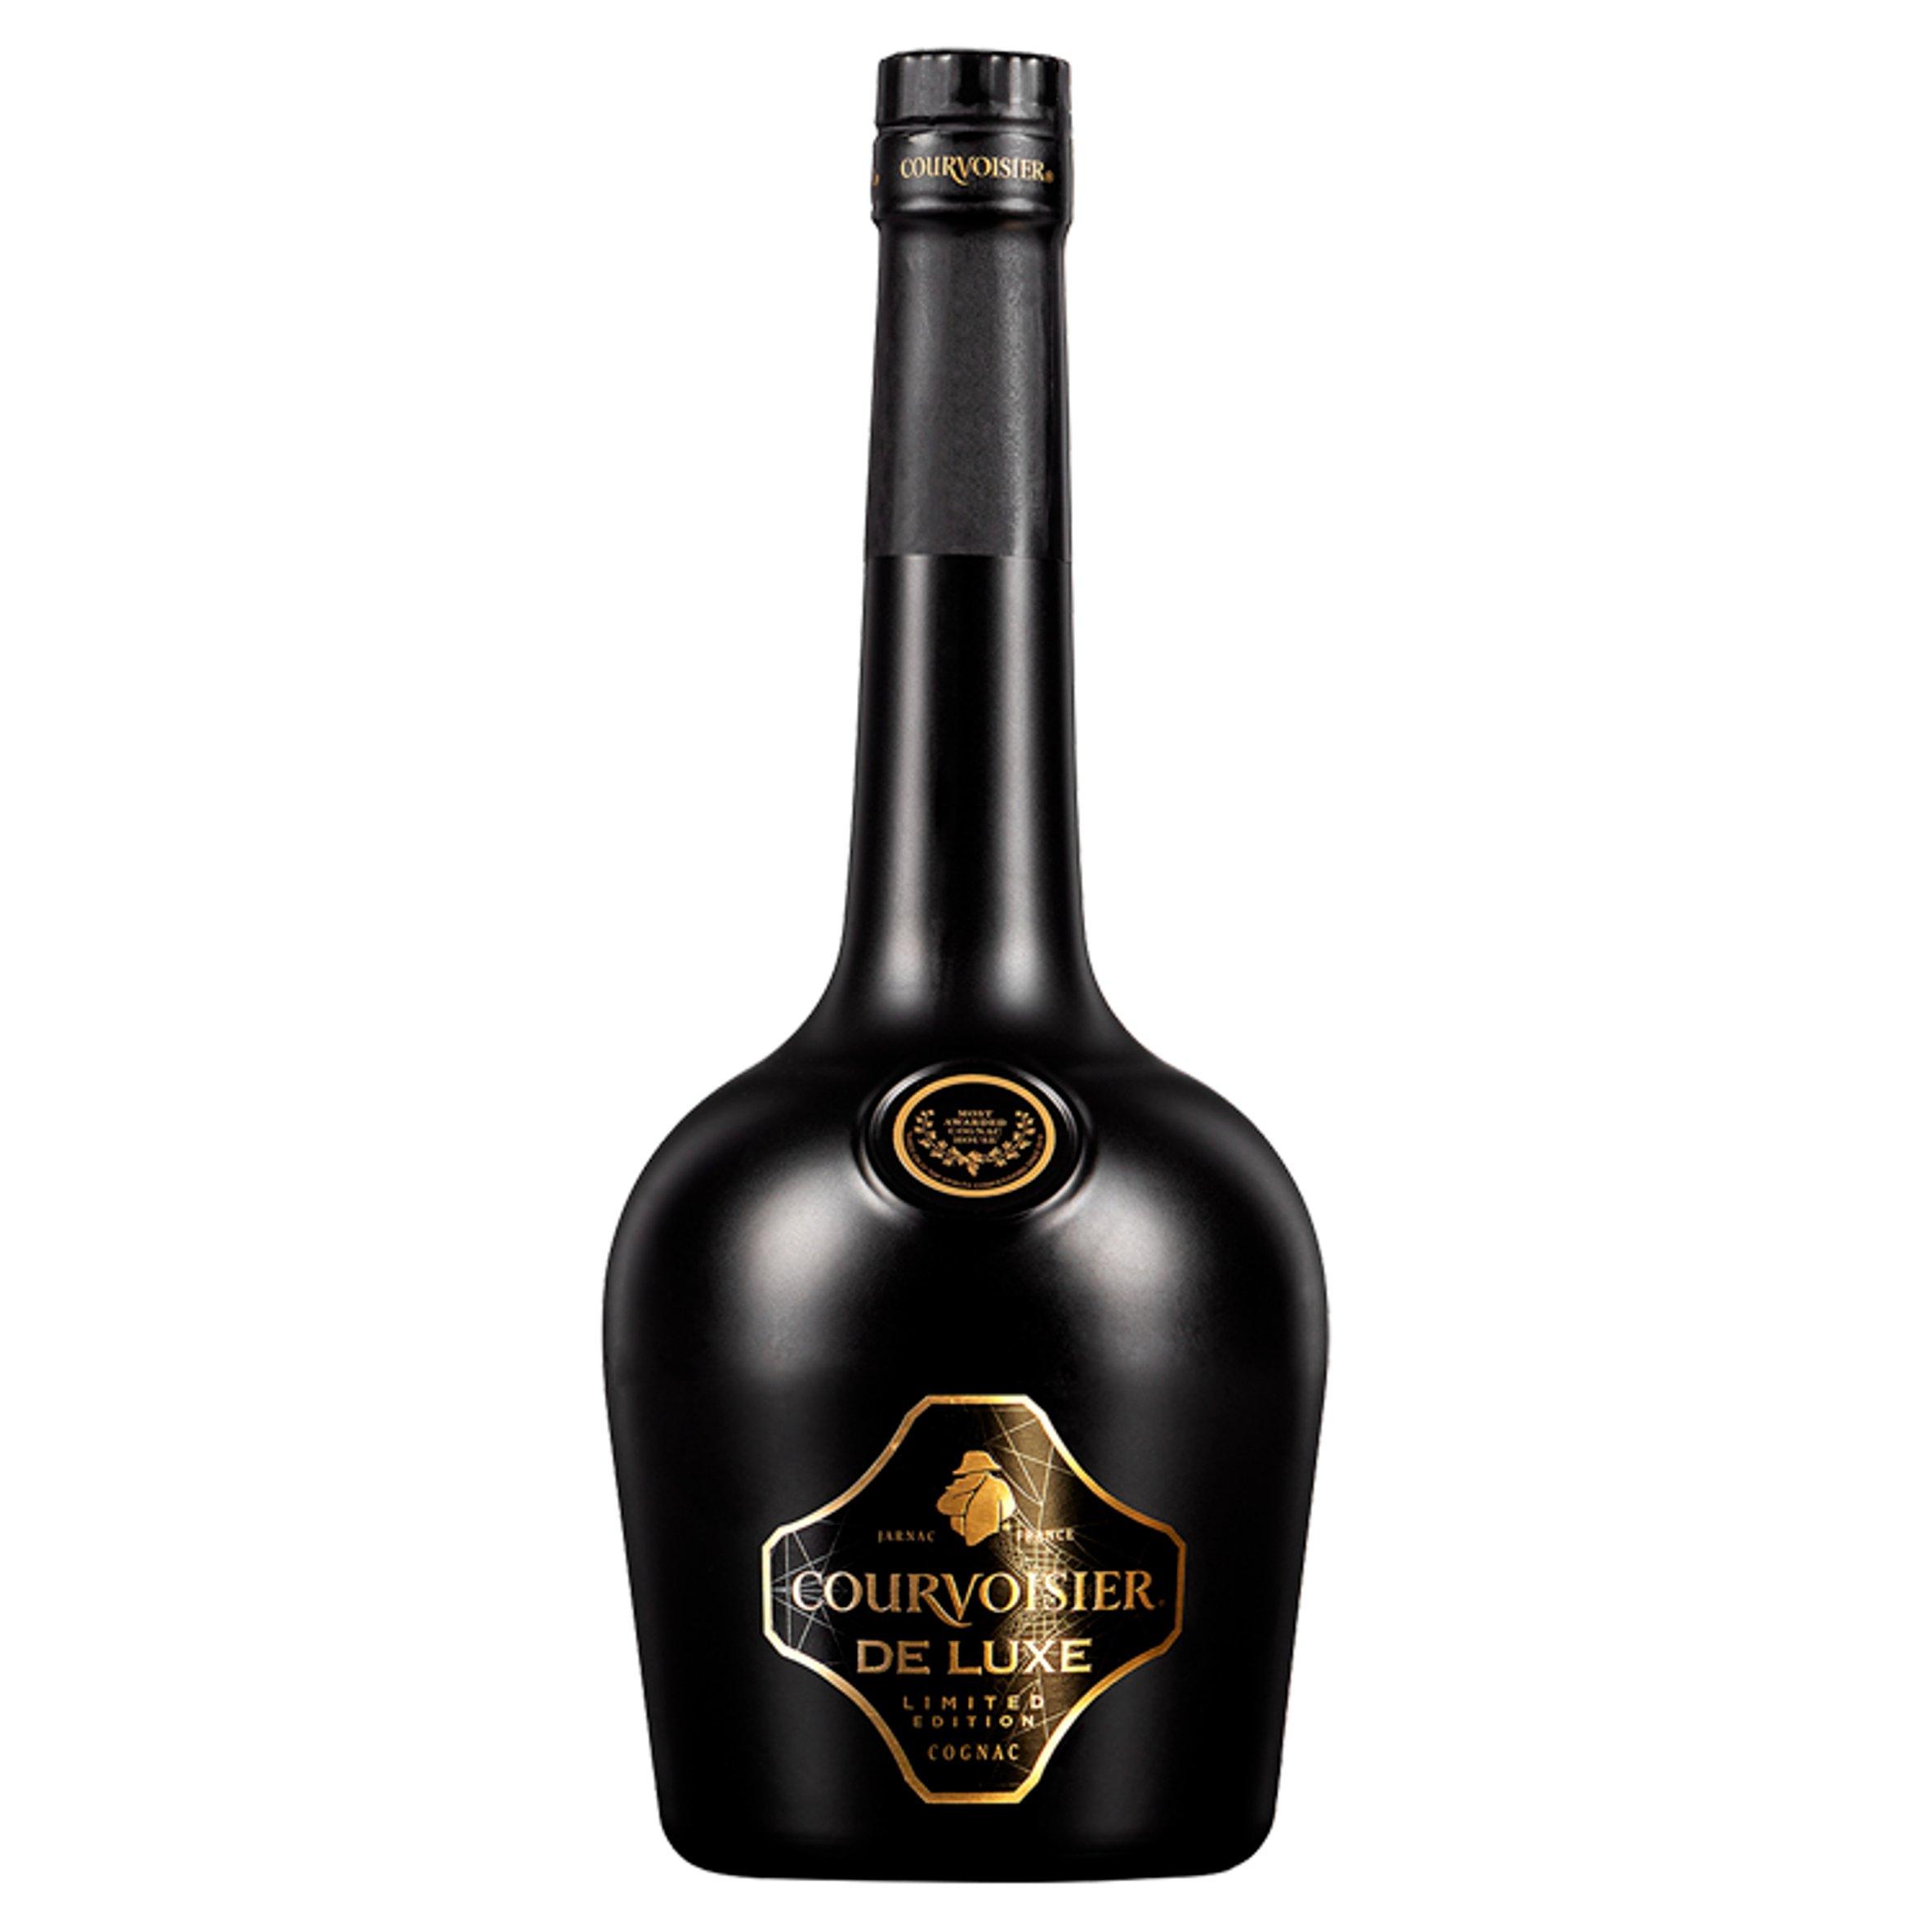 Courvoisier De Luxe Limited Edition Cognac 700Ml